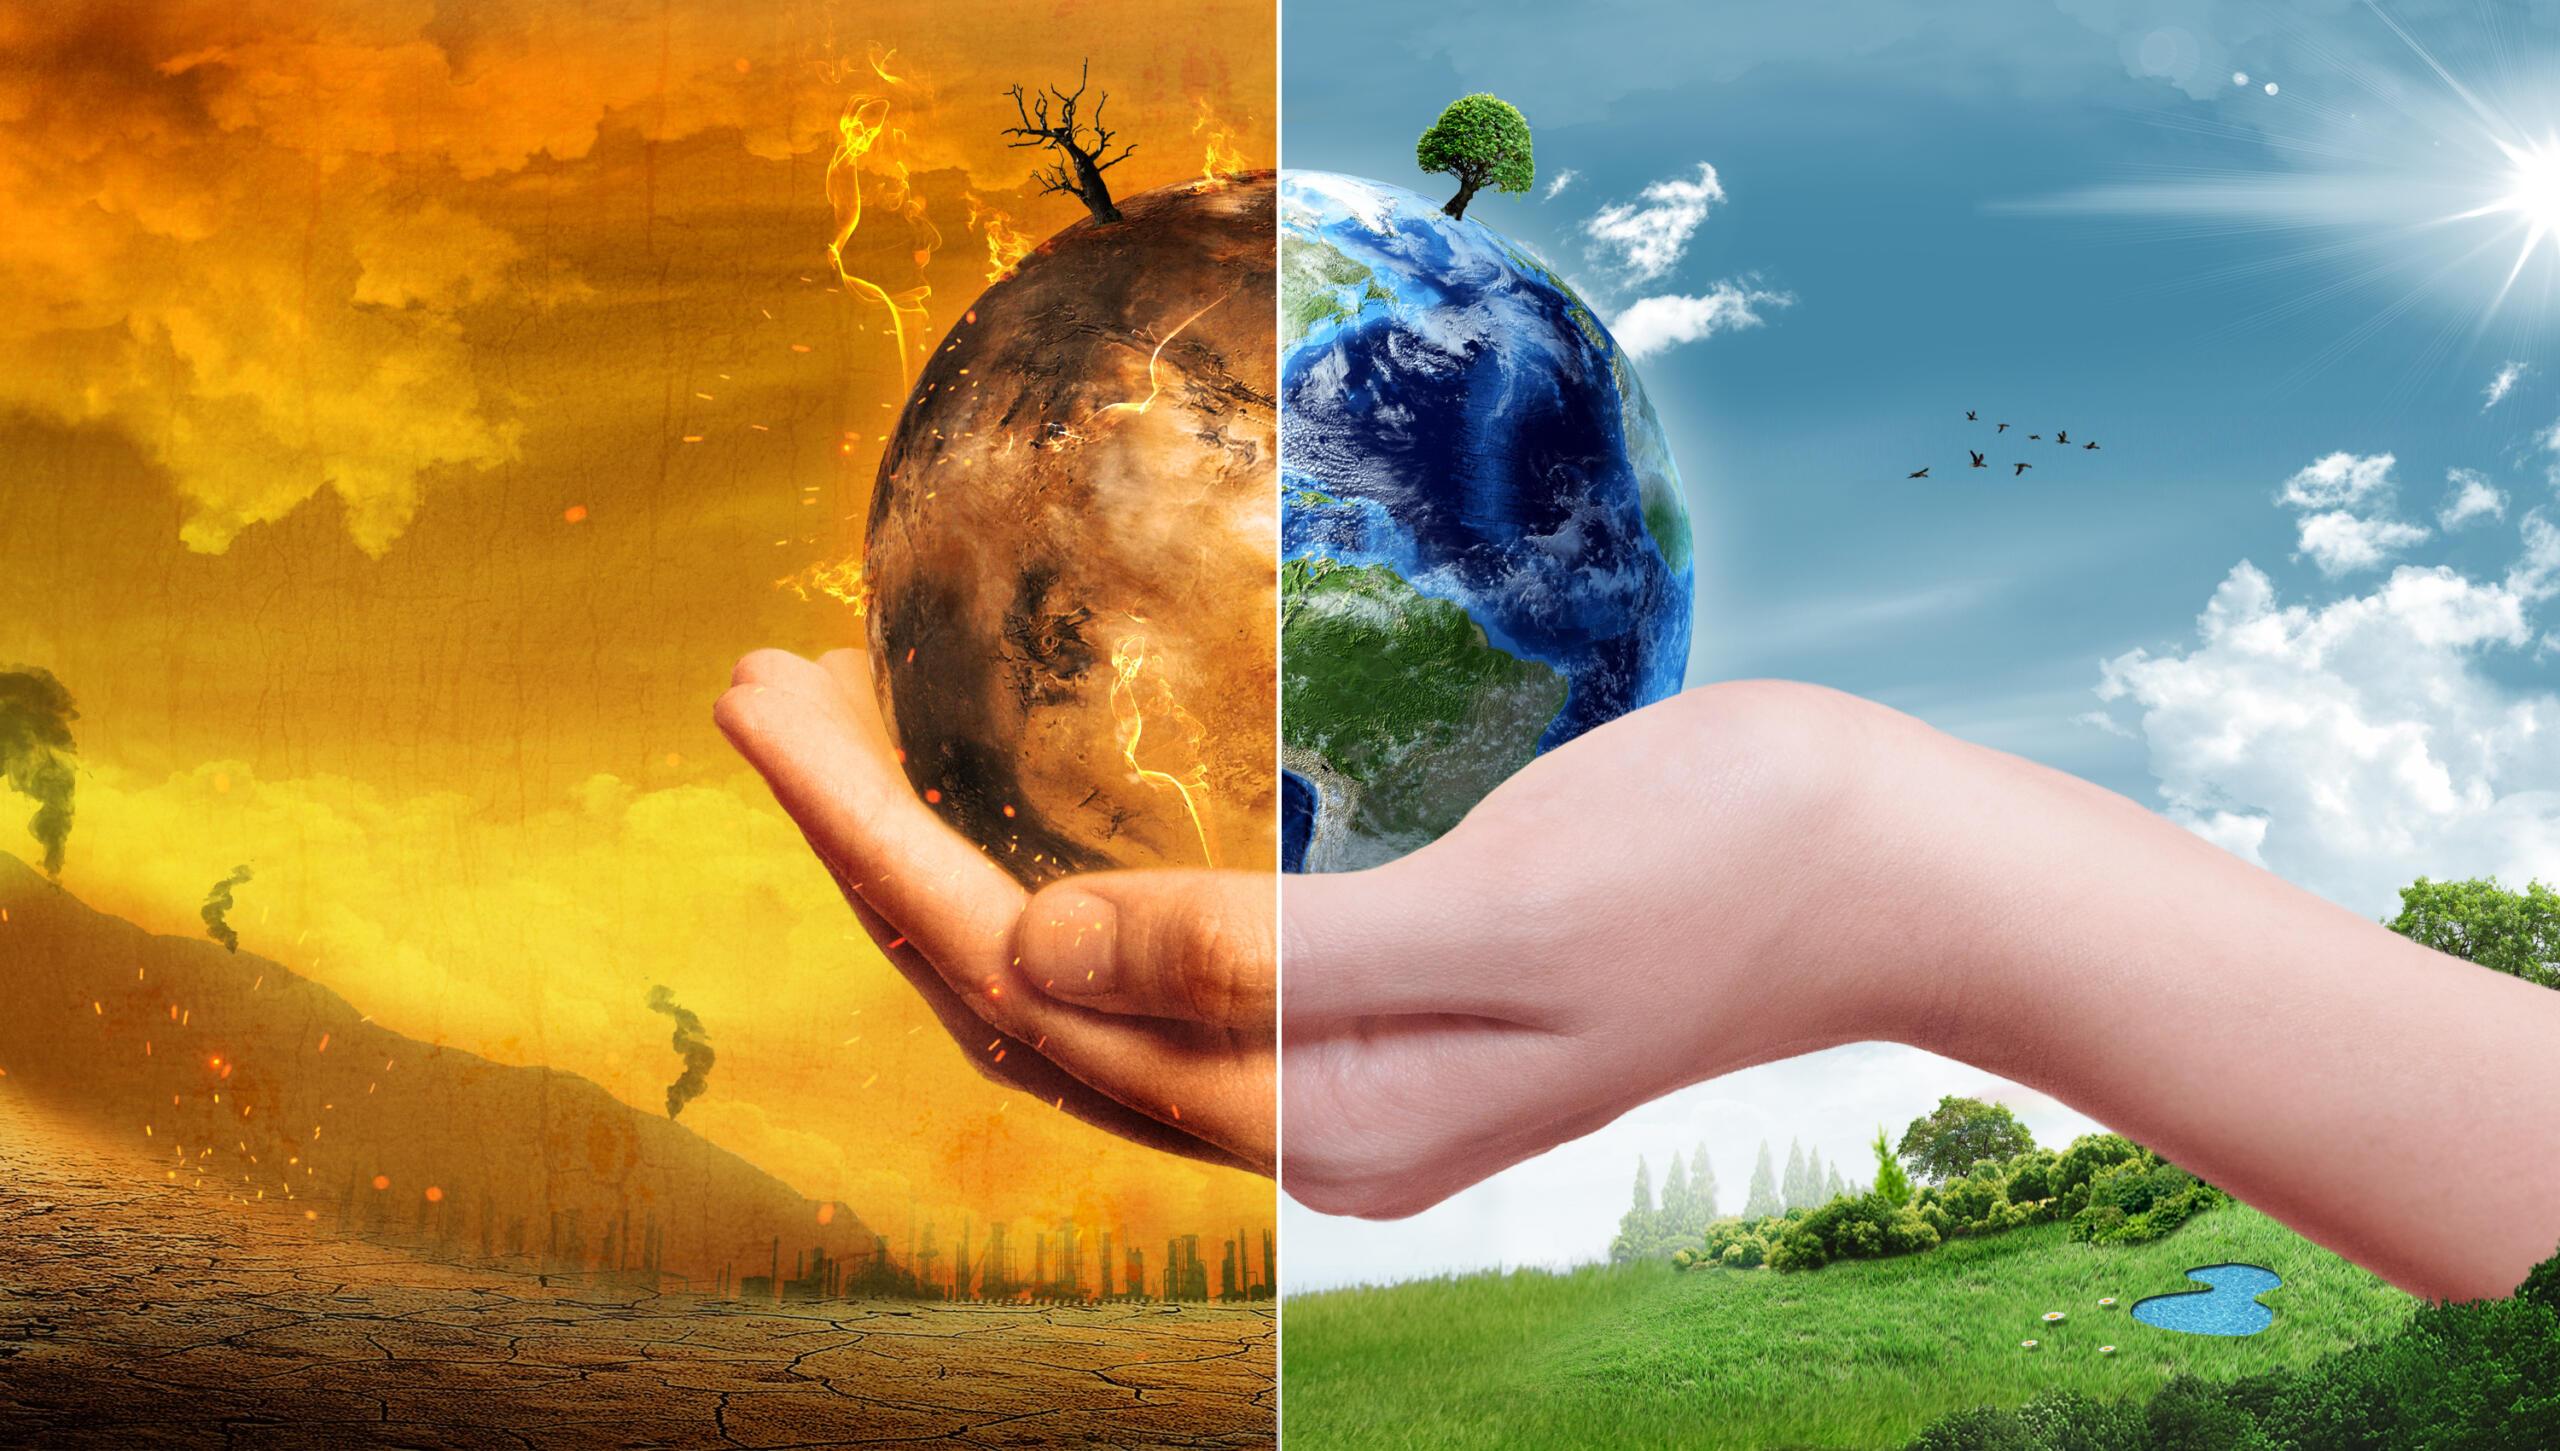 İklim Değişikliği, pandemiden 6 kat daha fazla ölüme yol açtı!